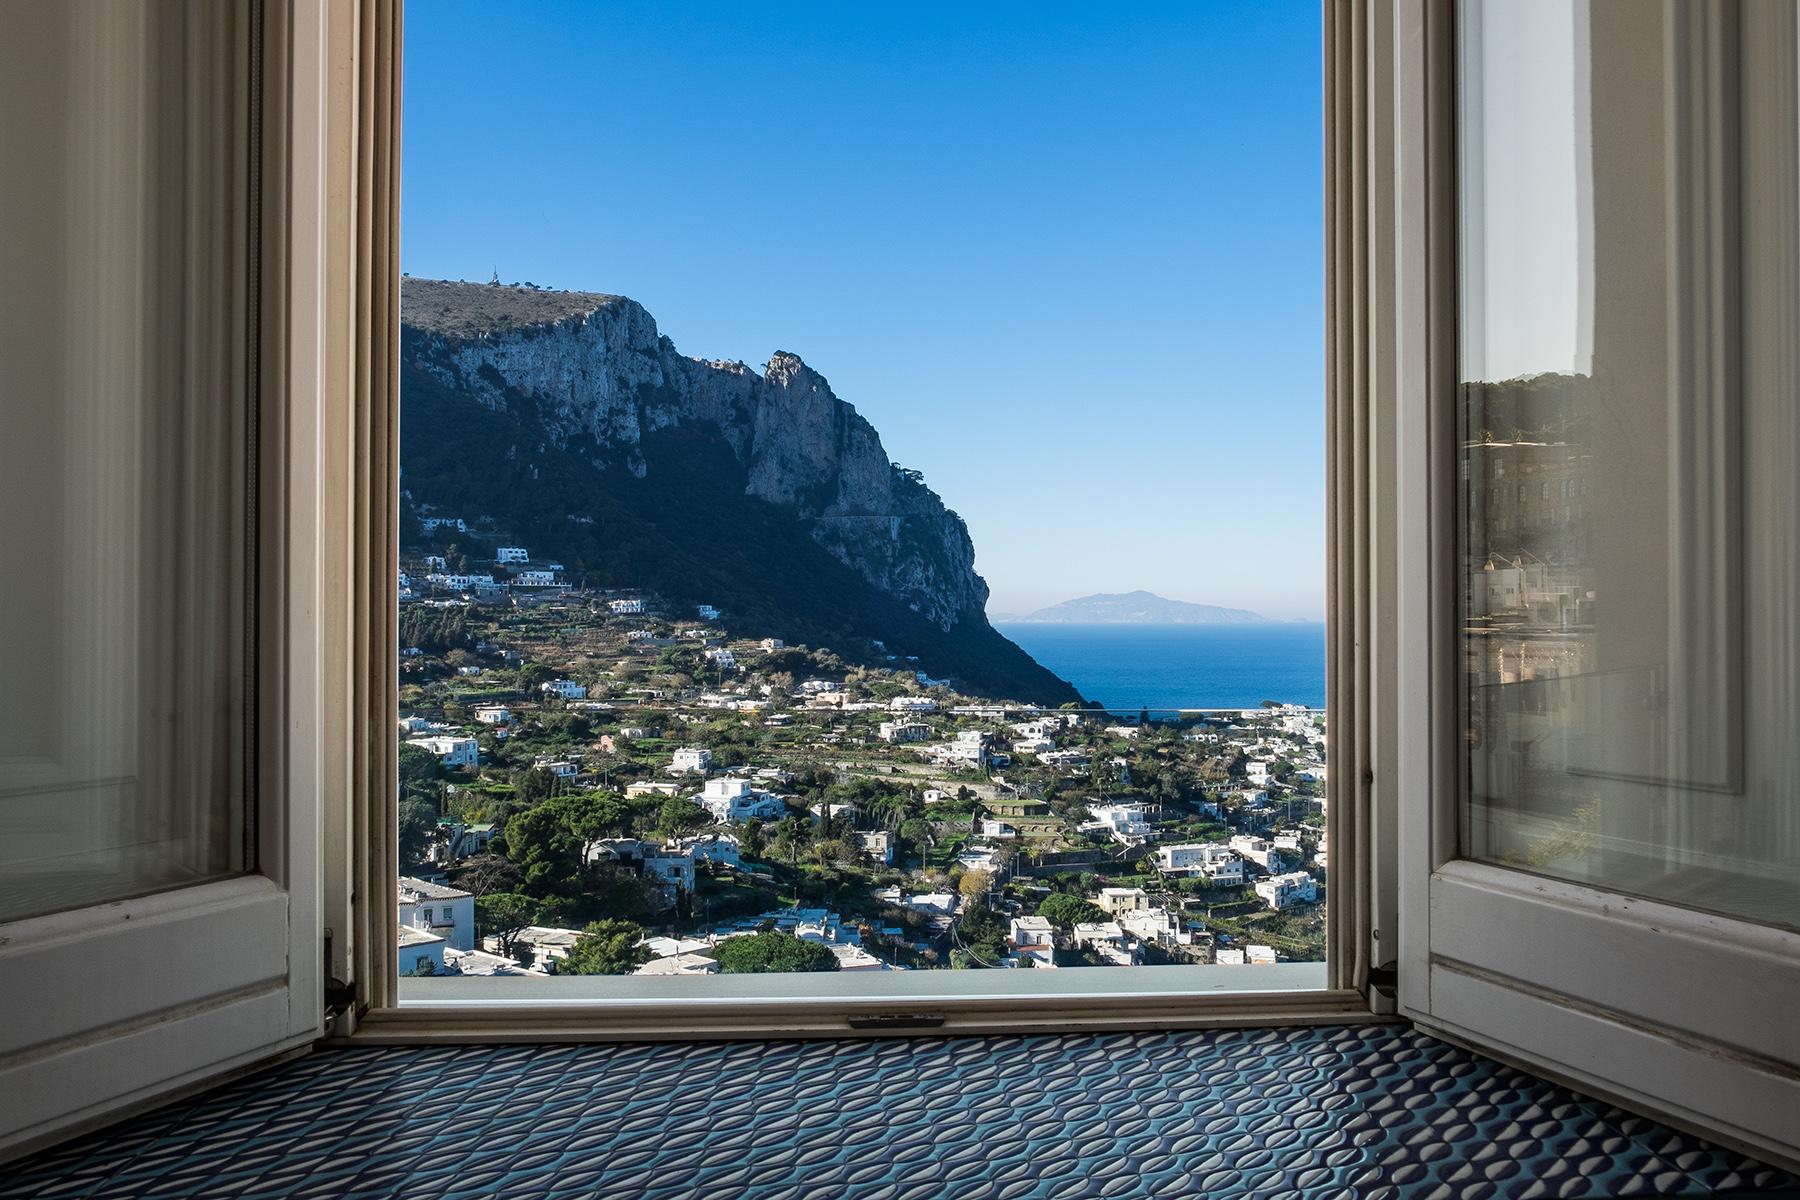 Appartamento in Vendita a Capri: 5 locali, 70 mq - Foto 7